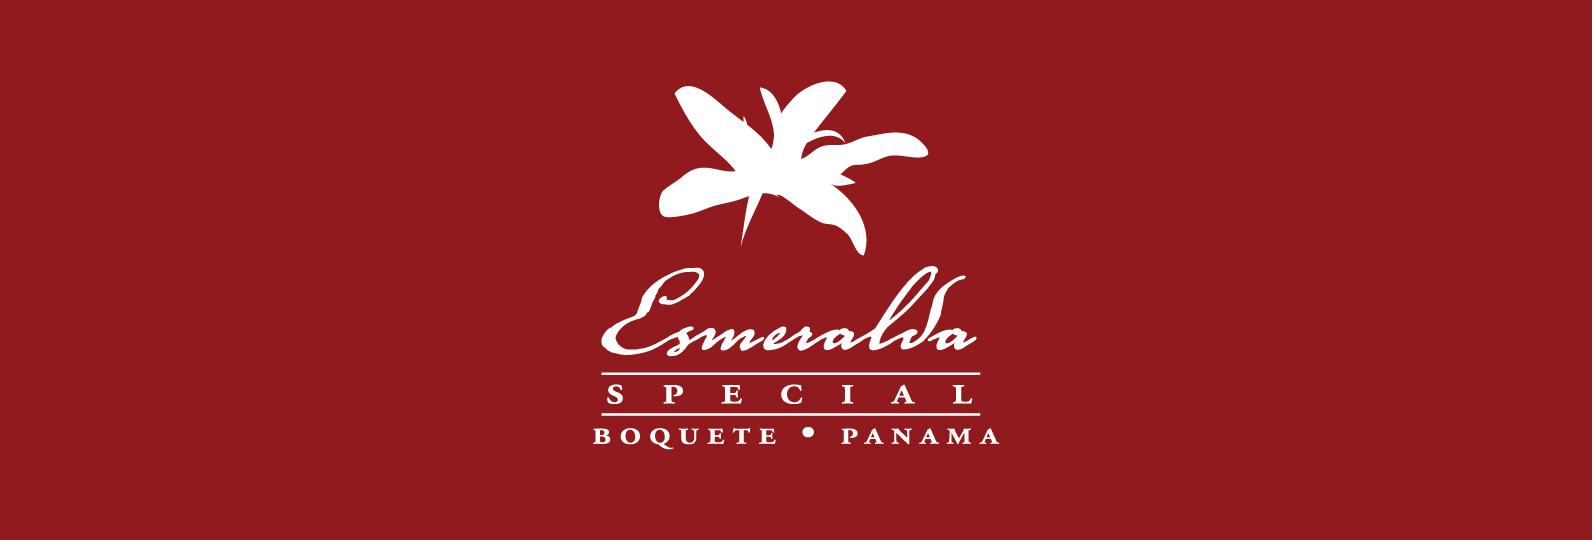 Esmeralda-Special-Logo1